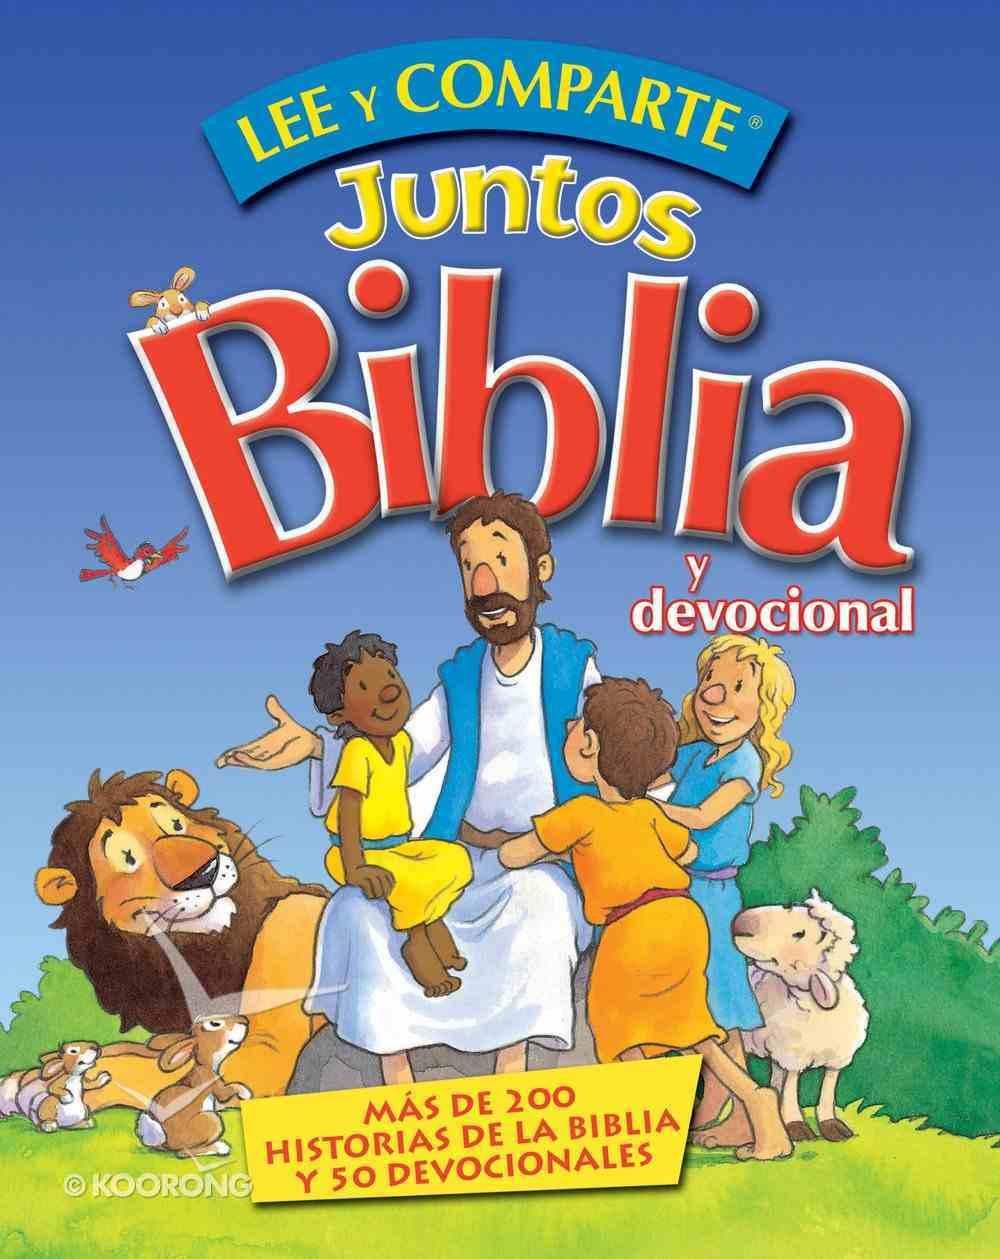 Lee Y Comparte Juntos Biblia Y Devocional (Spanish) (Spa) (Lee & Shares Together Bible And Devotion) eBook